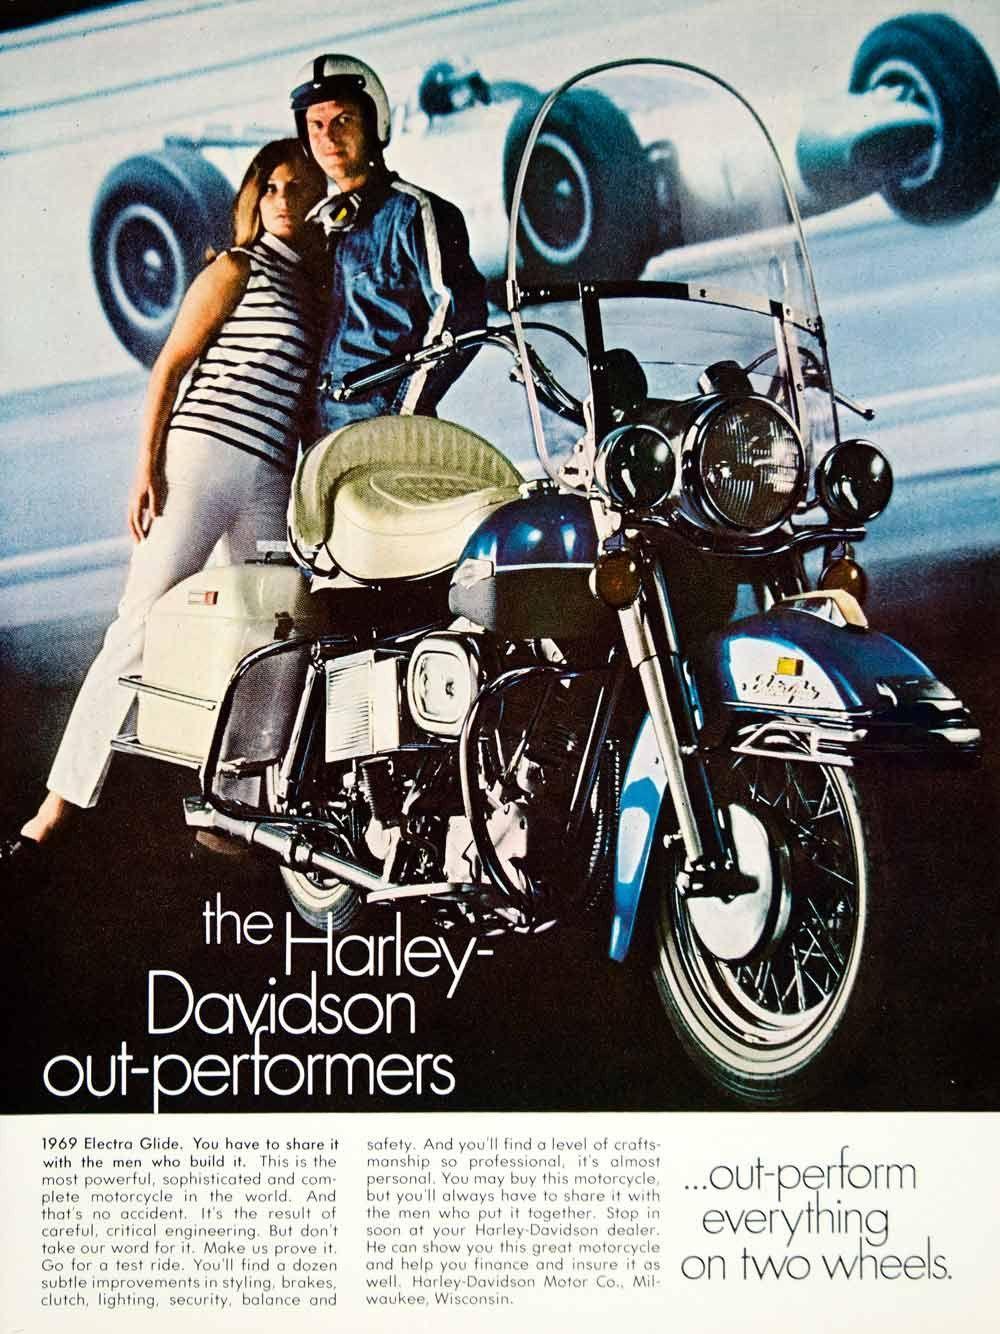 1968 Ad Vintage 1969 Harley Davidson Electra Glide Blue Motorcycle